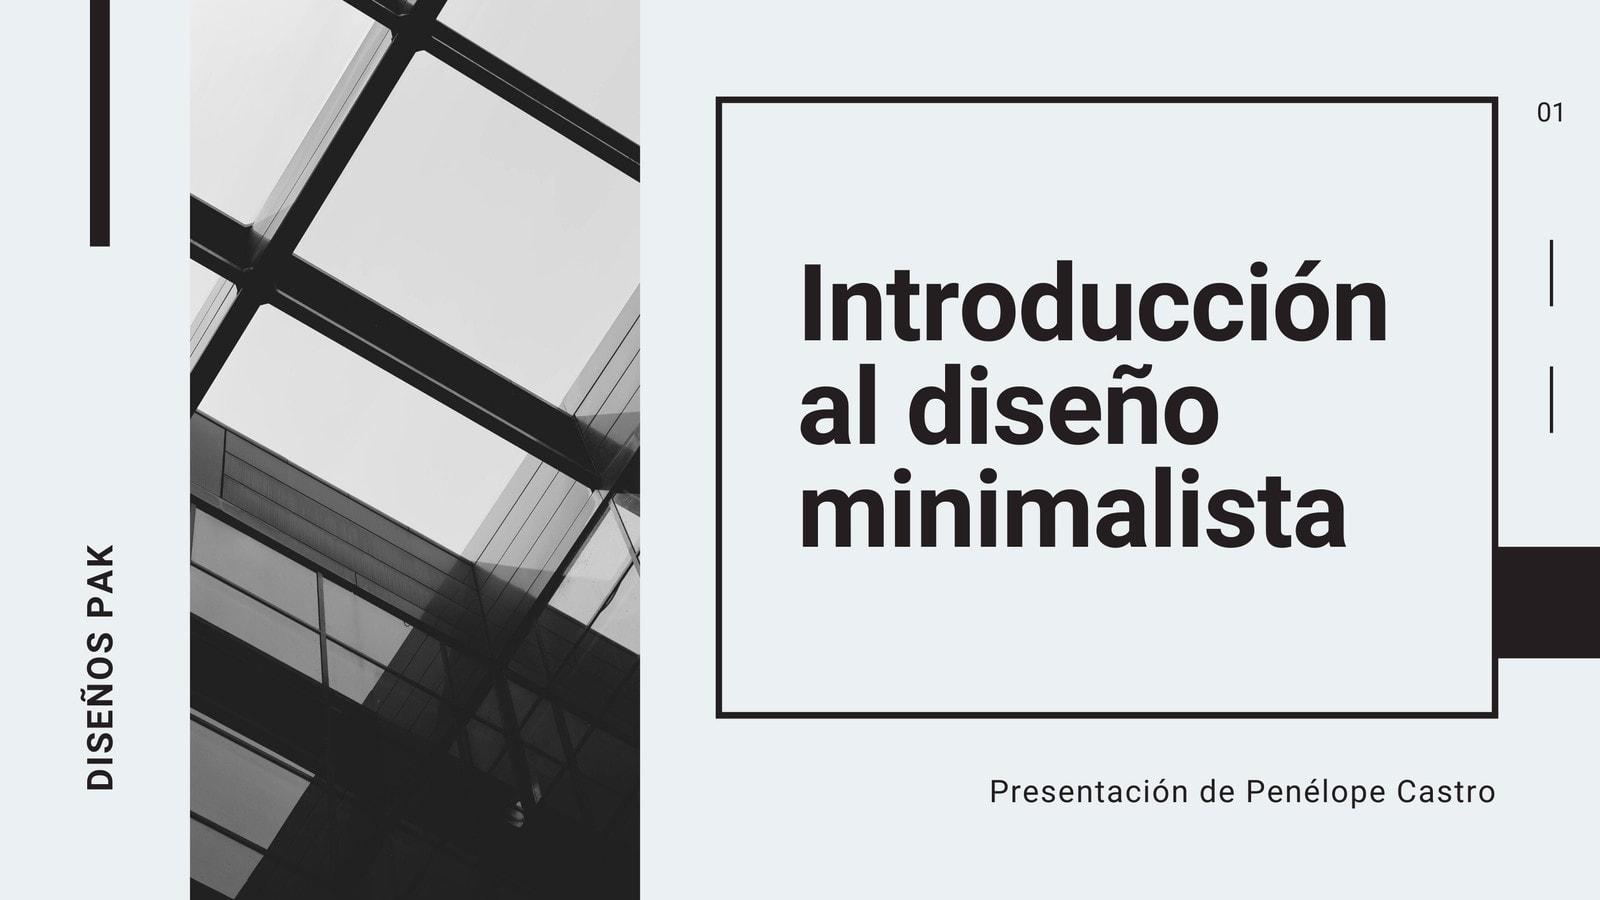 Presentación Minimalista de Introducción al Diseño Blanco y Negro